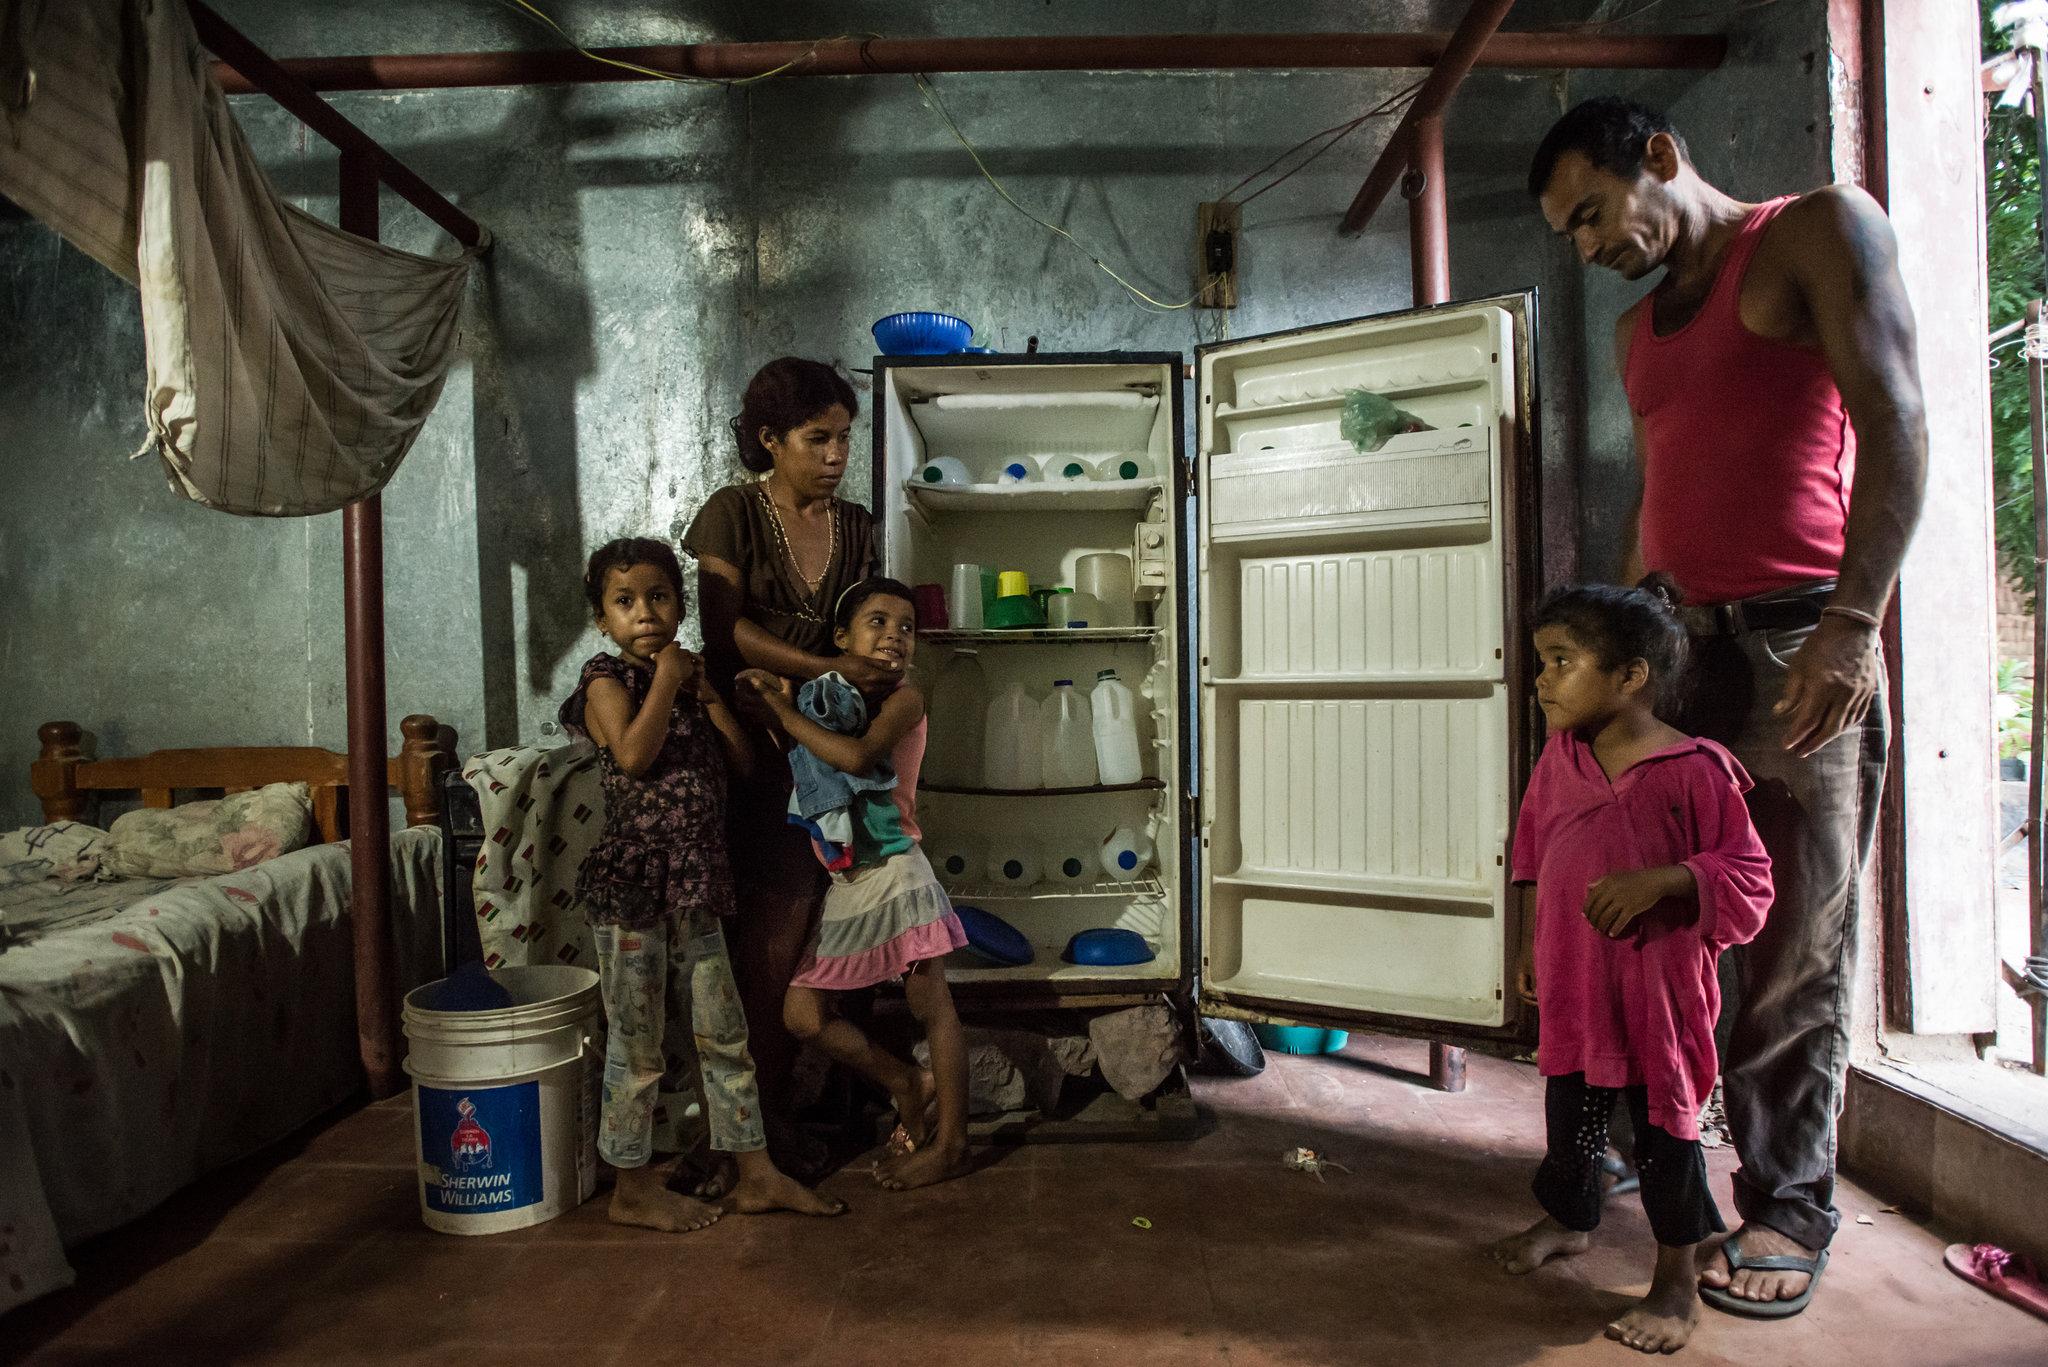 Botellas de agua ocuparon la mayor parte del refrigerador de Araselis Rodríguez y Nestor Daniel Reina en Cumaná el año pasado. Crédito: Meridith Kohut / The New York Times